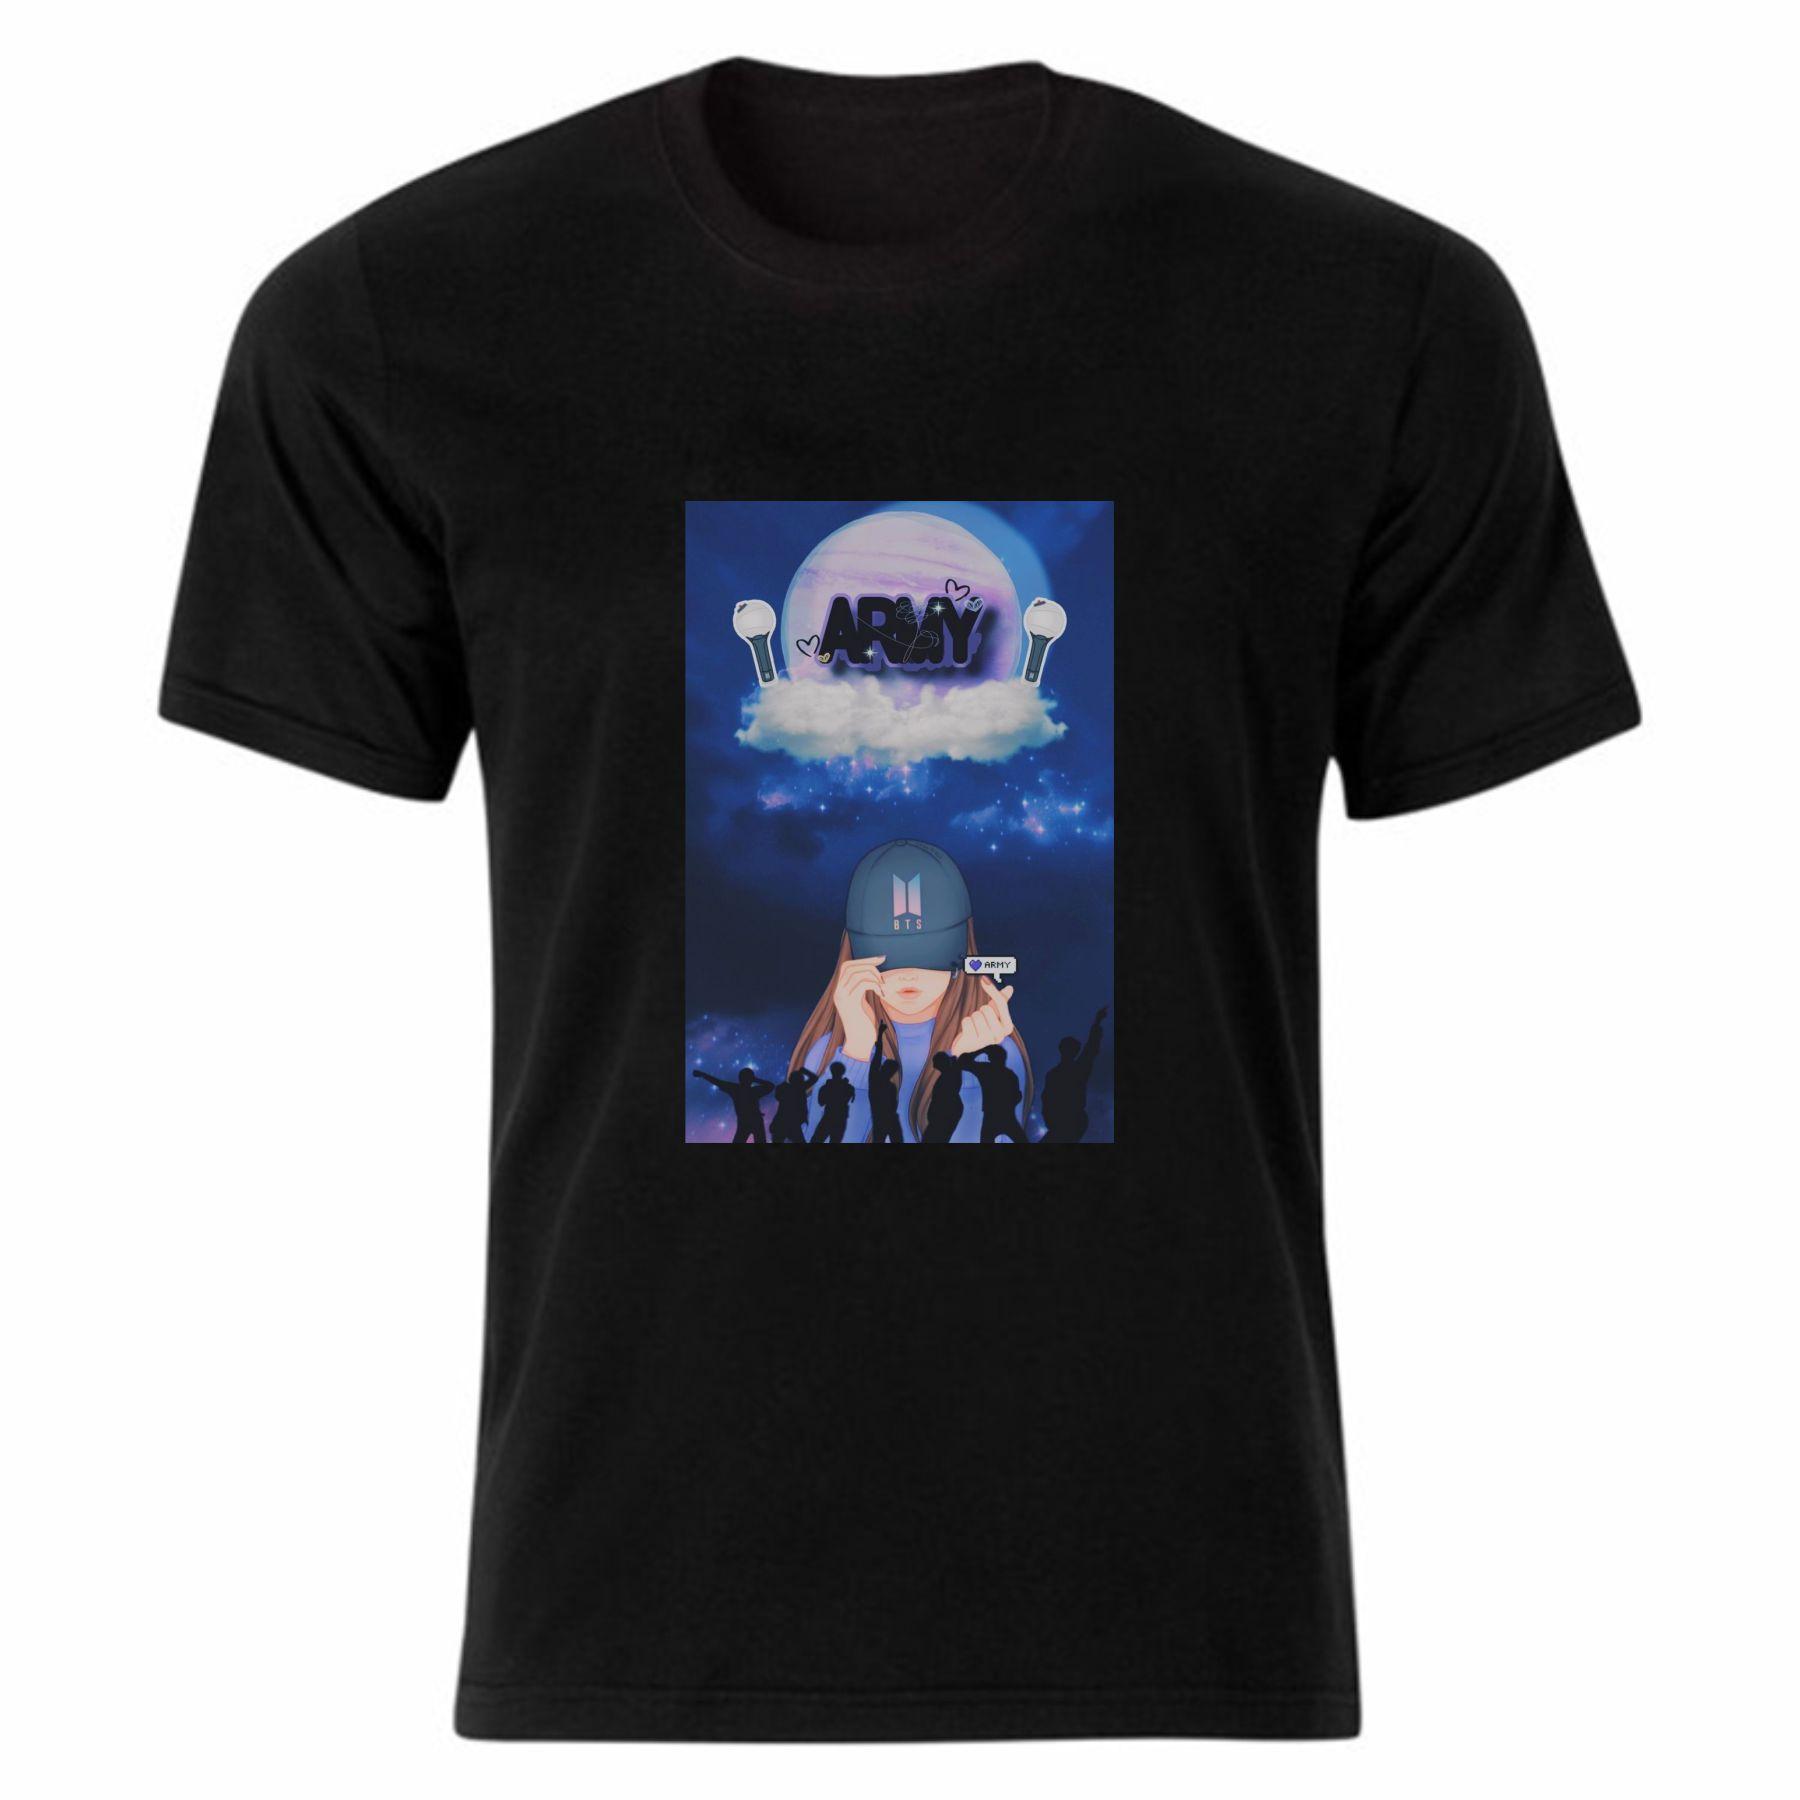 تی شرت آستین کوتاه زنانه مدل بی تی اس کد tme283